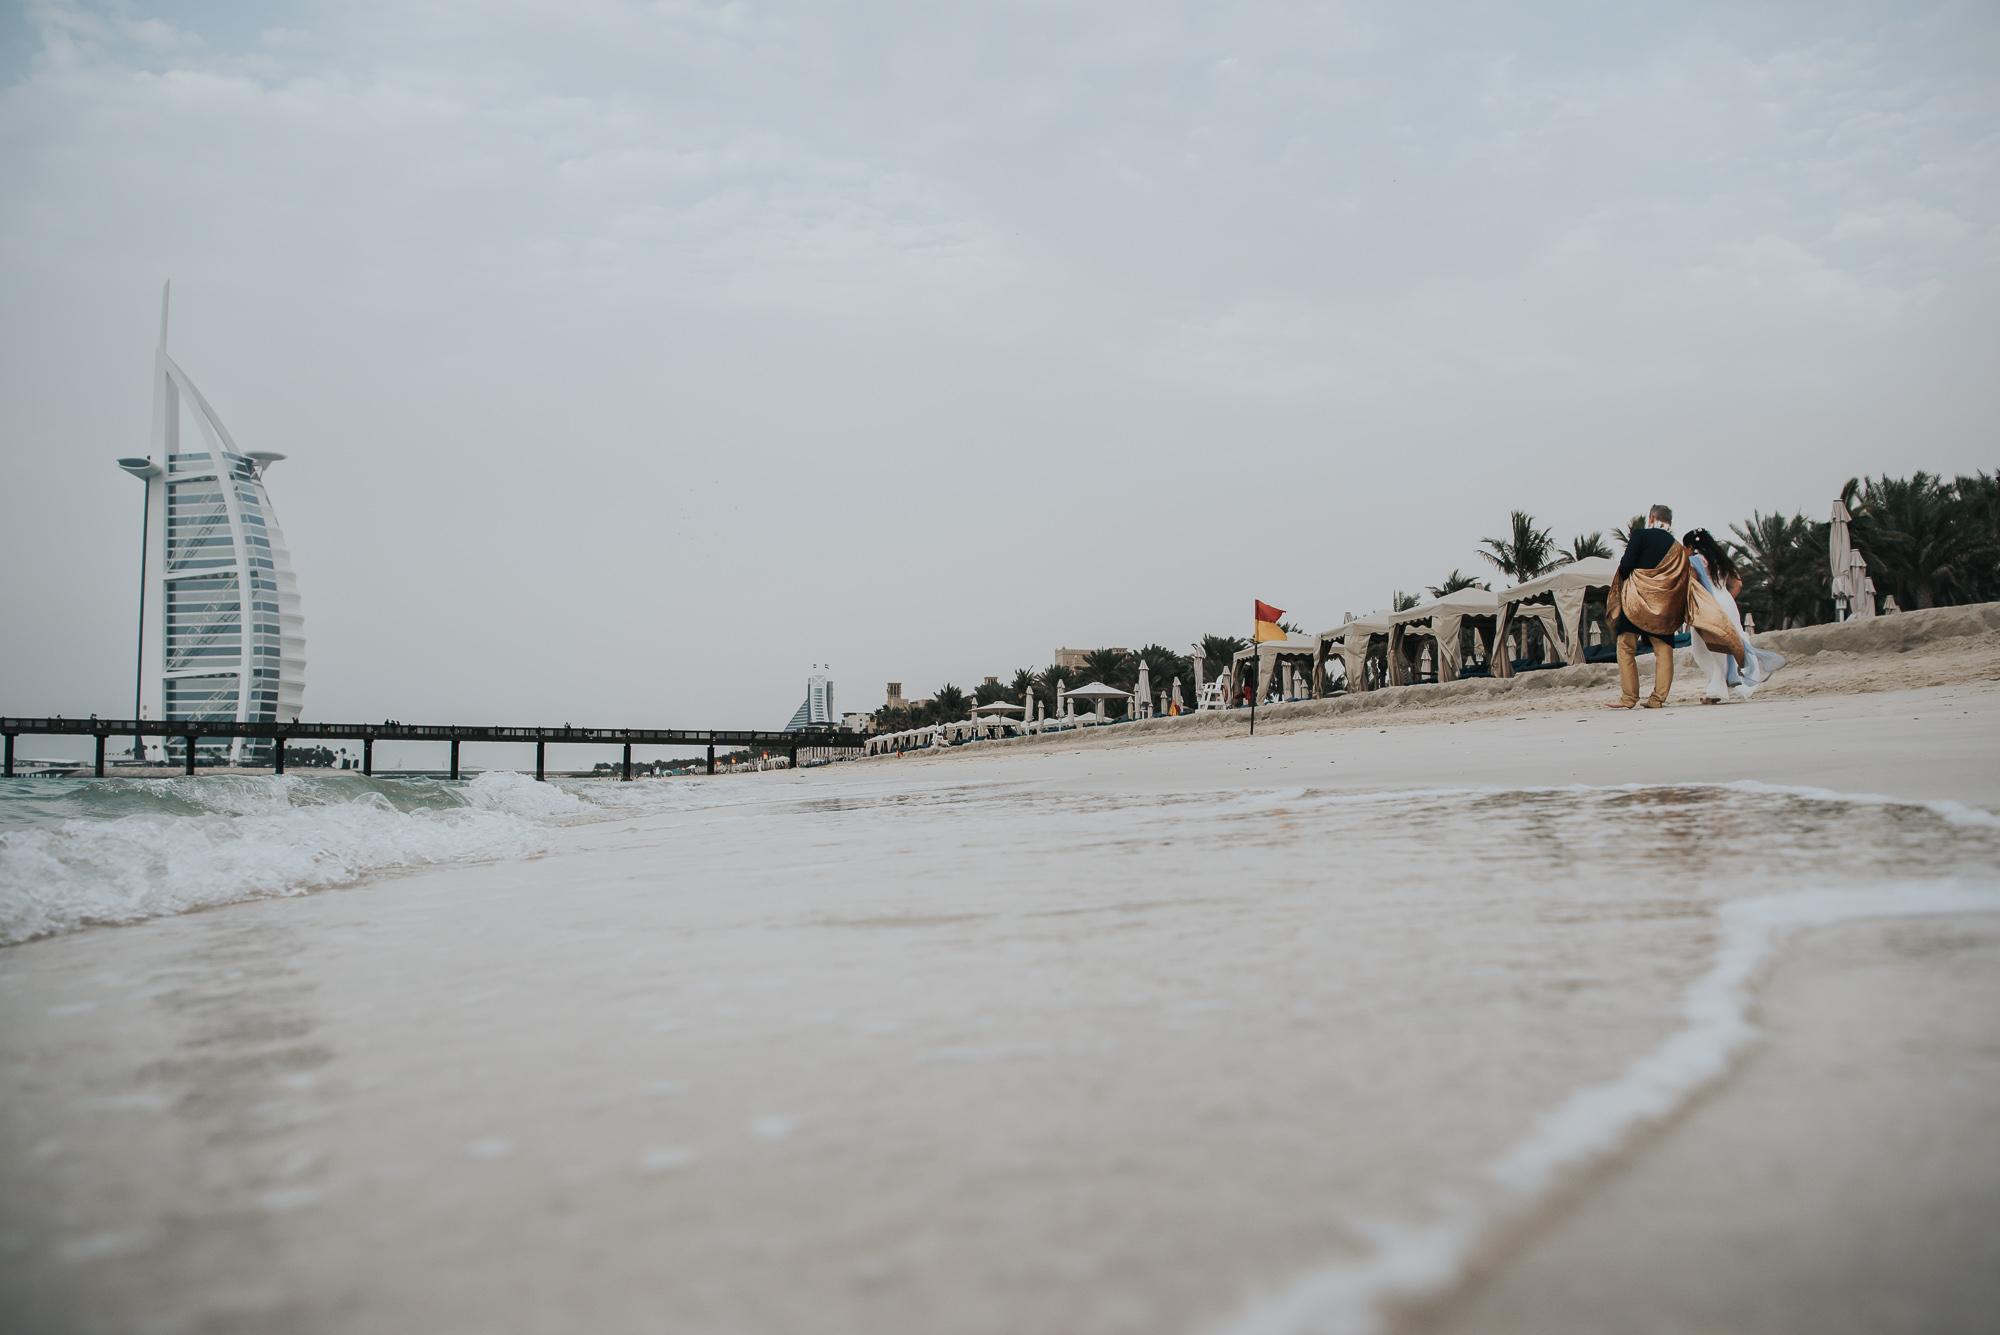 madinat jumeirah dubai wedding photographer  destination wedding photography (29 of 52).jpg